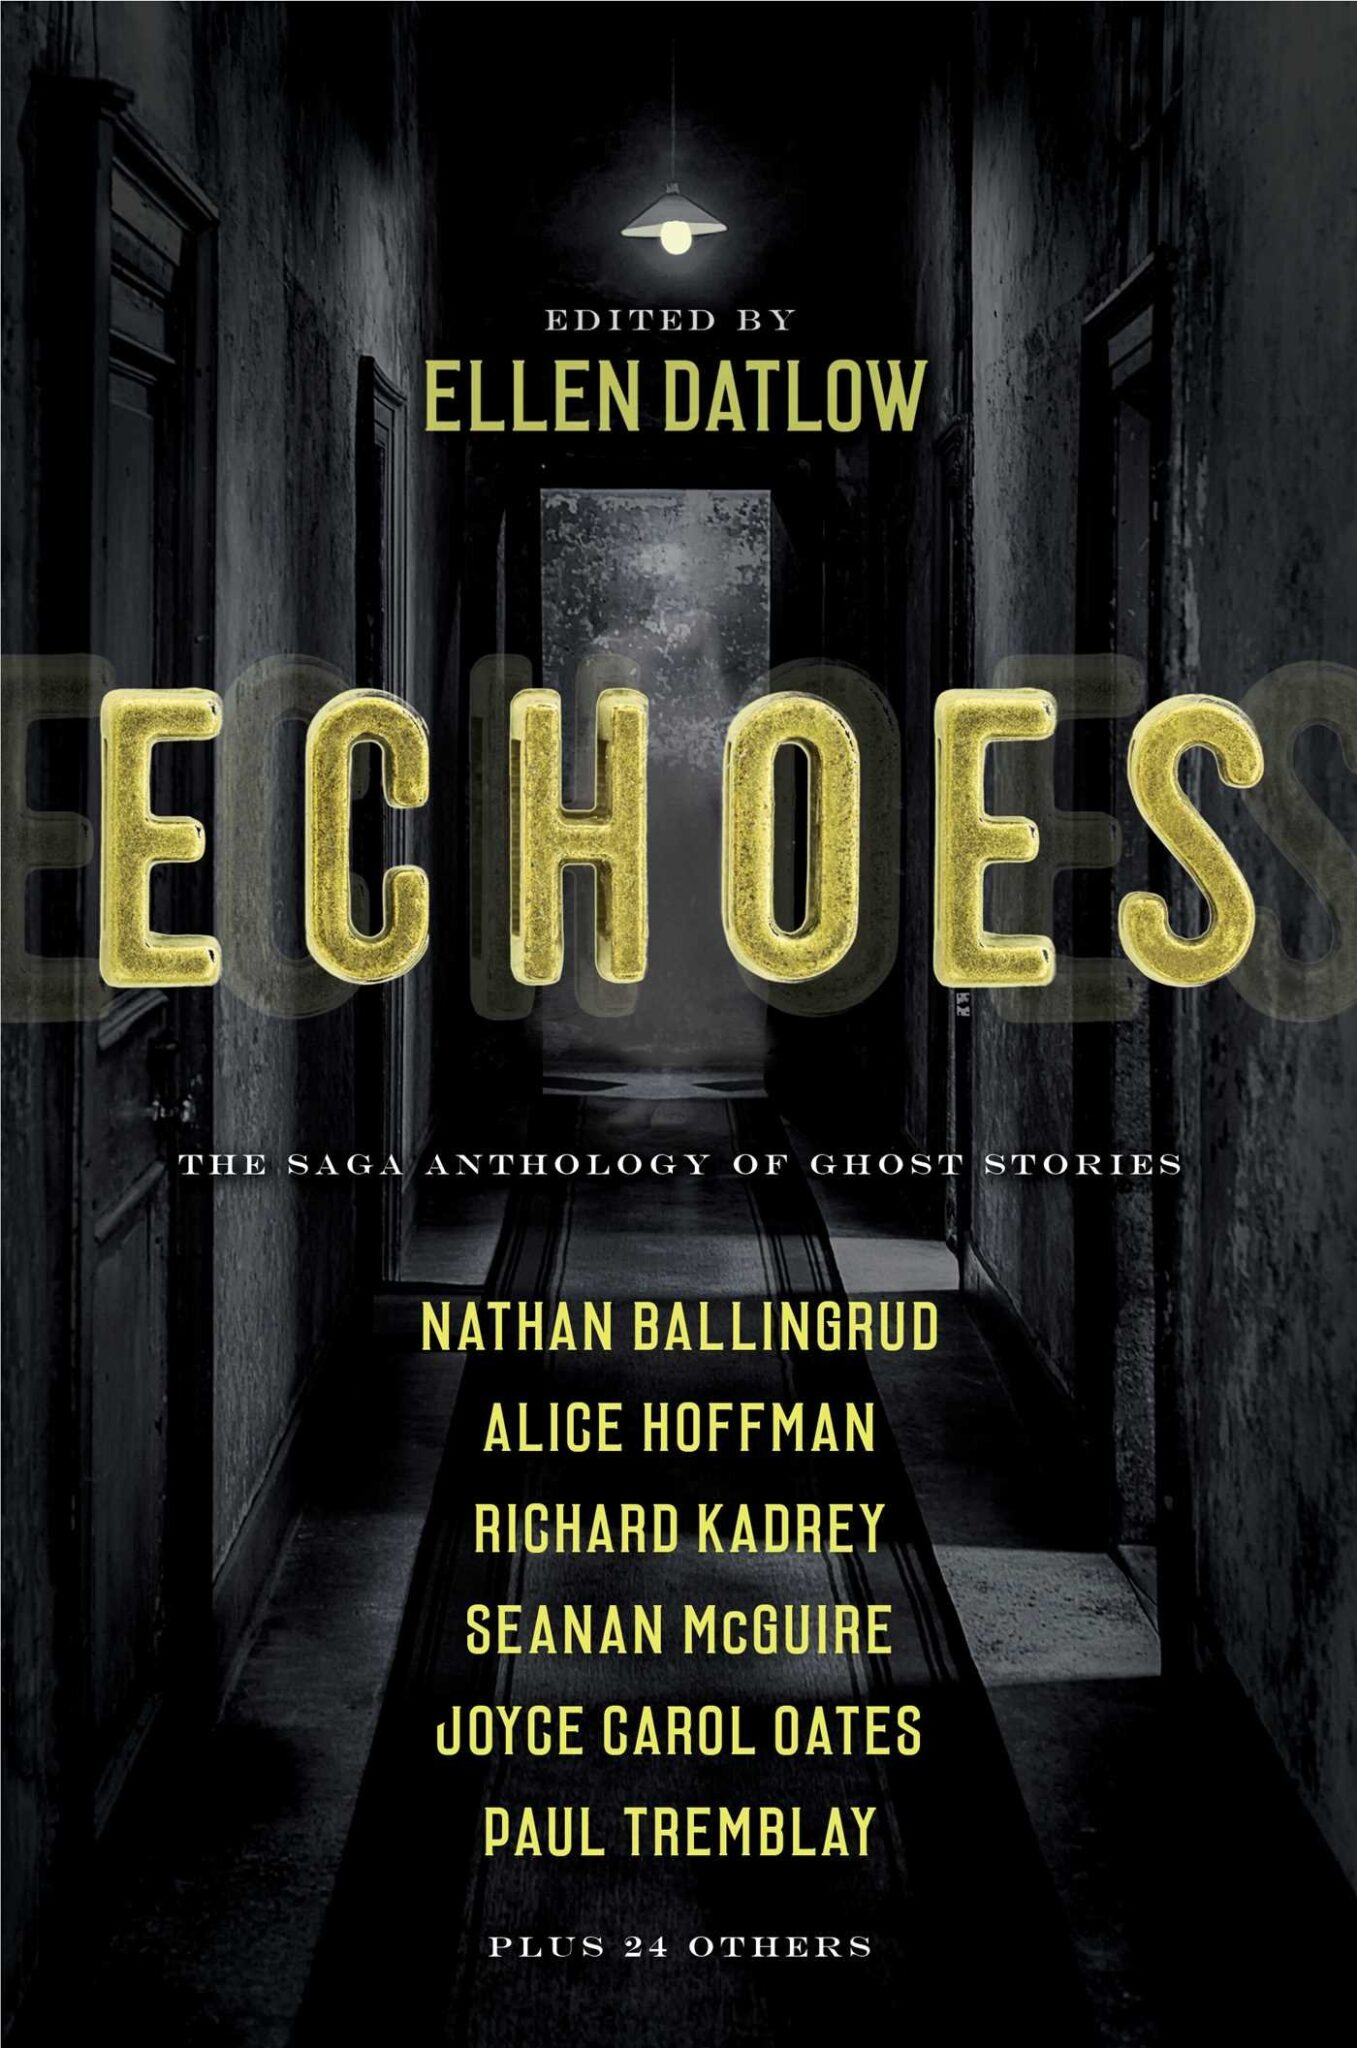 Ellen Datlow Echoes cover 1